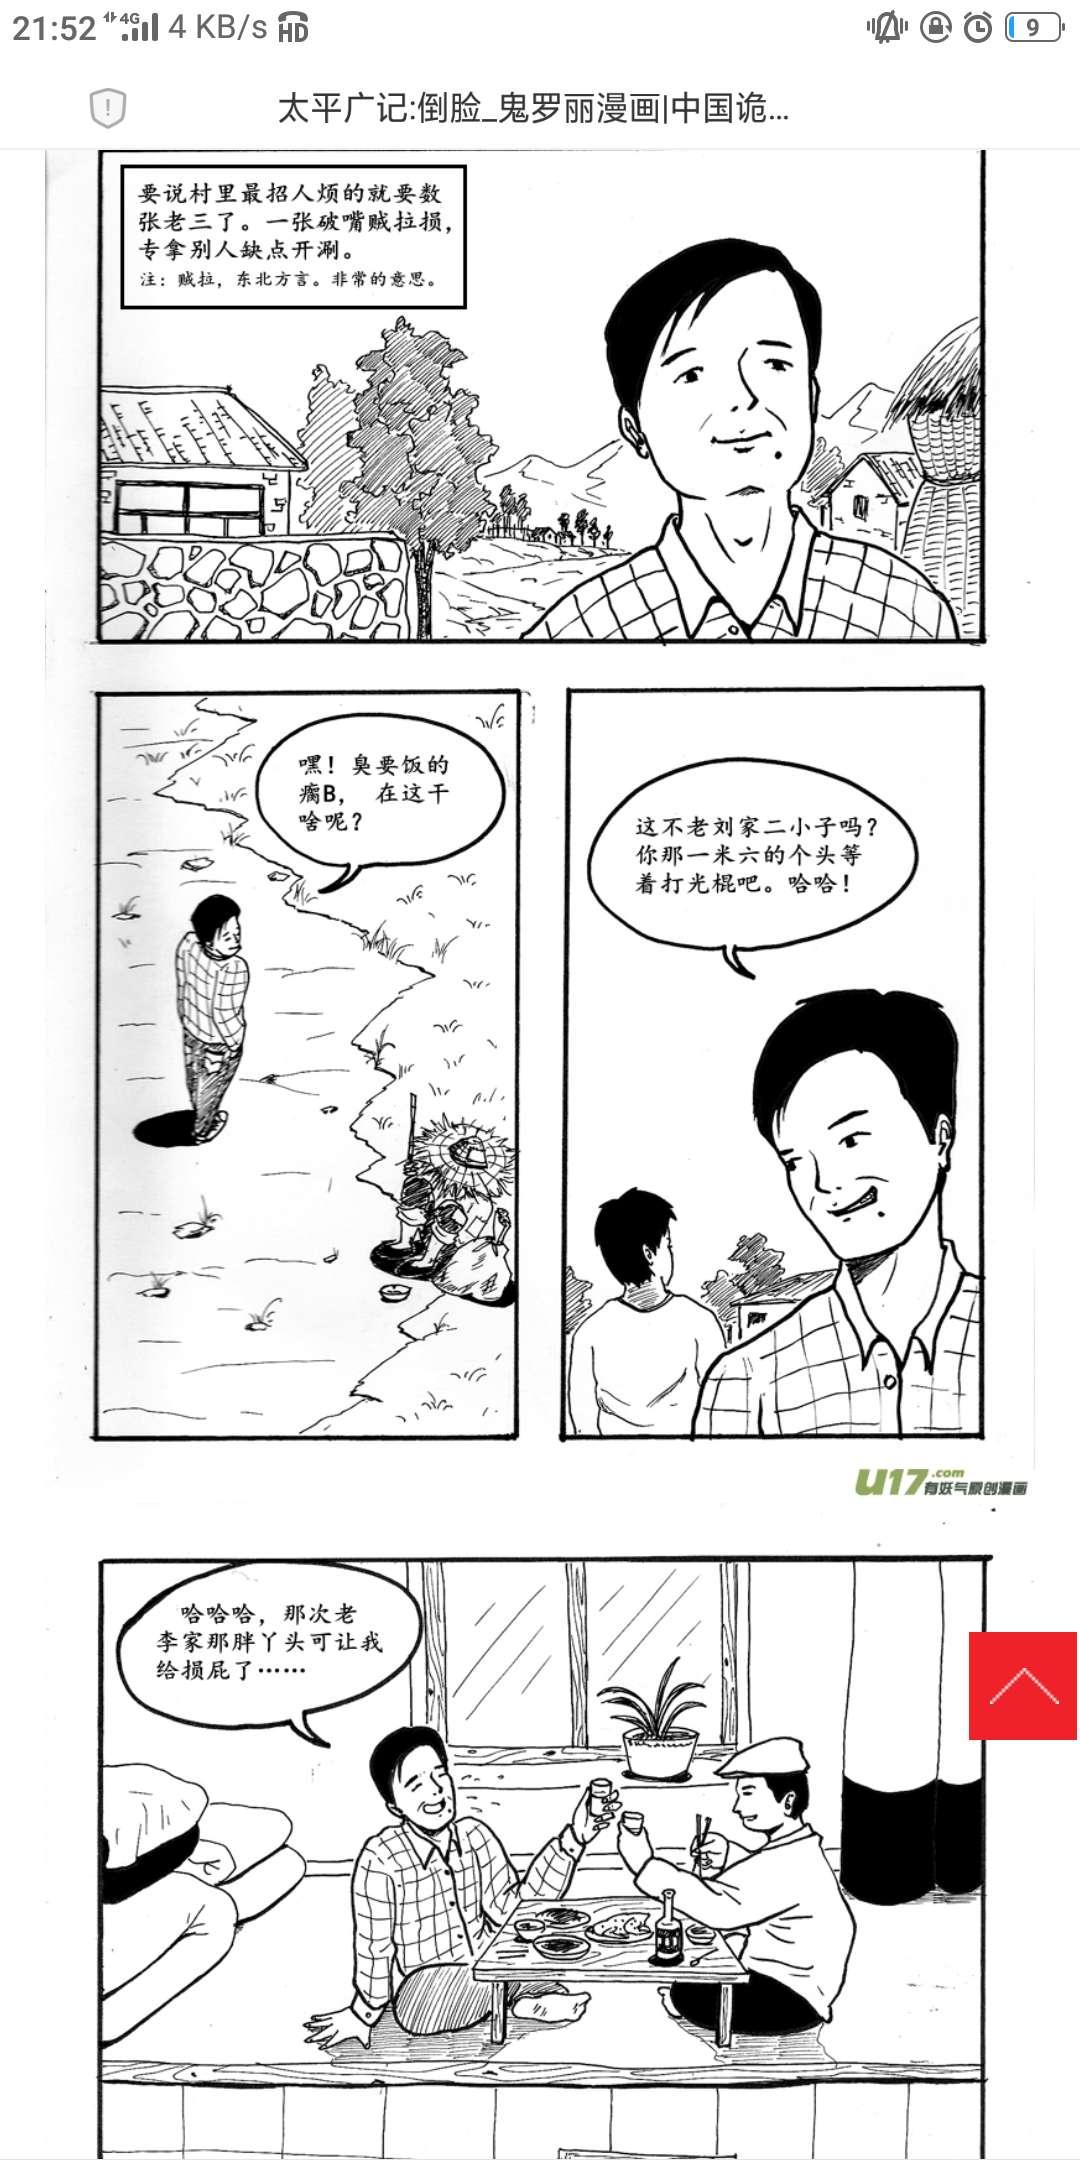 【漫画更新】太平广记之《亻到脸》-小柚妹站